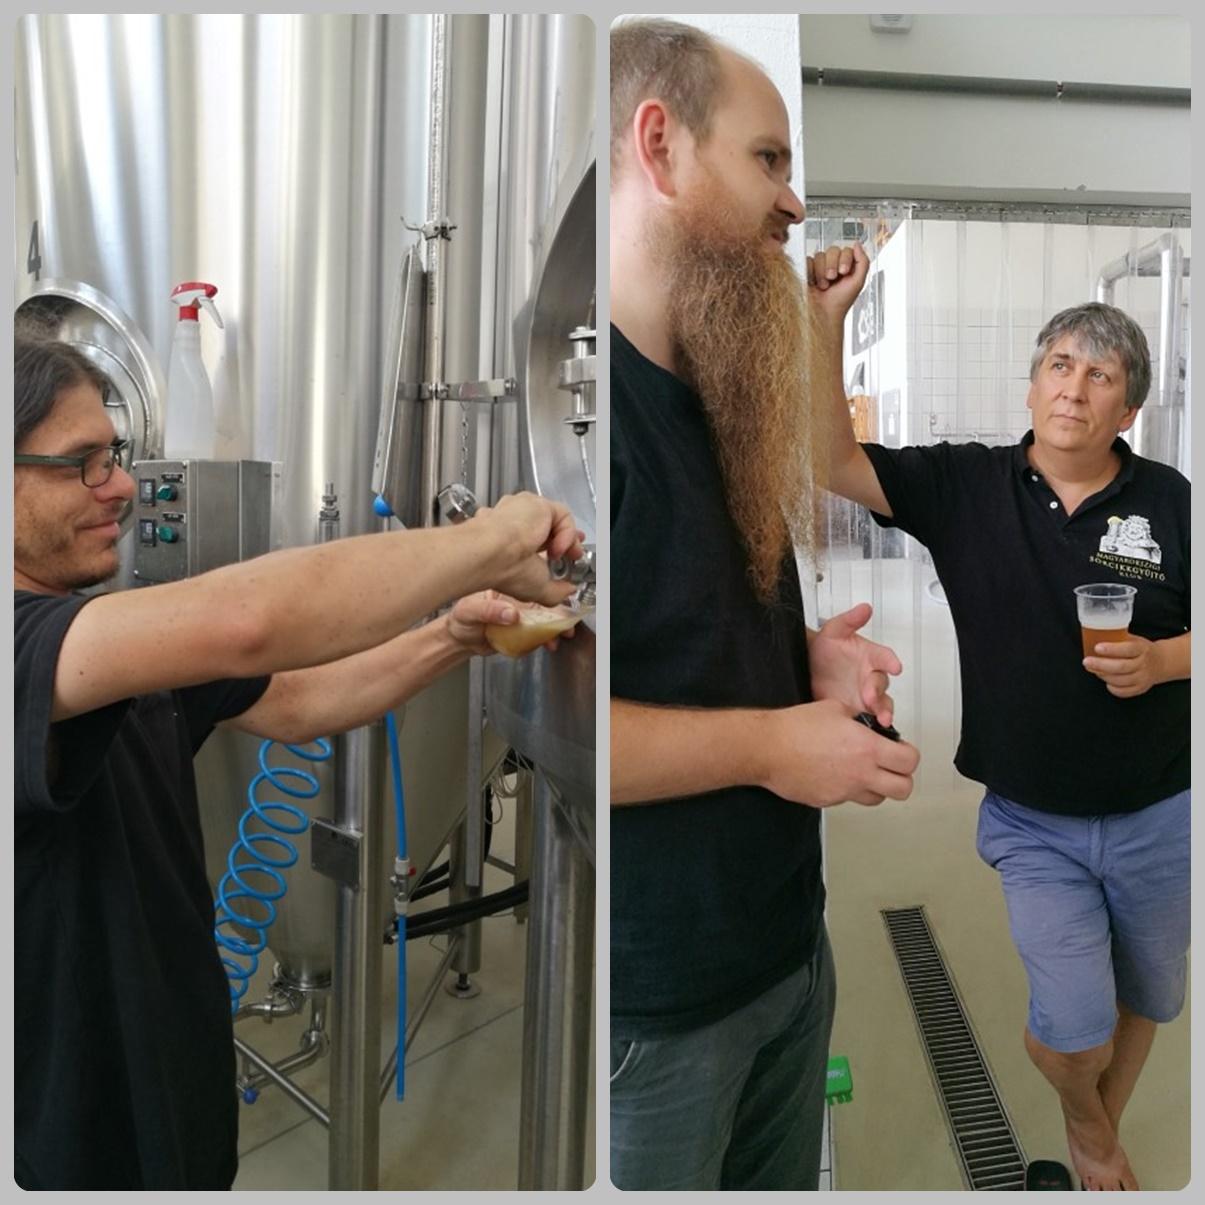 Közös kocsmalátogatások a Magyarországi Sörcikkgyűjtő Klubbal - Fehér Nyúl Brewery - főzdelátogatás és sörkóstolás tartályról - Kocsmaturista